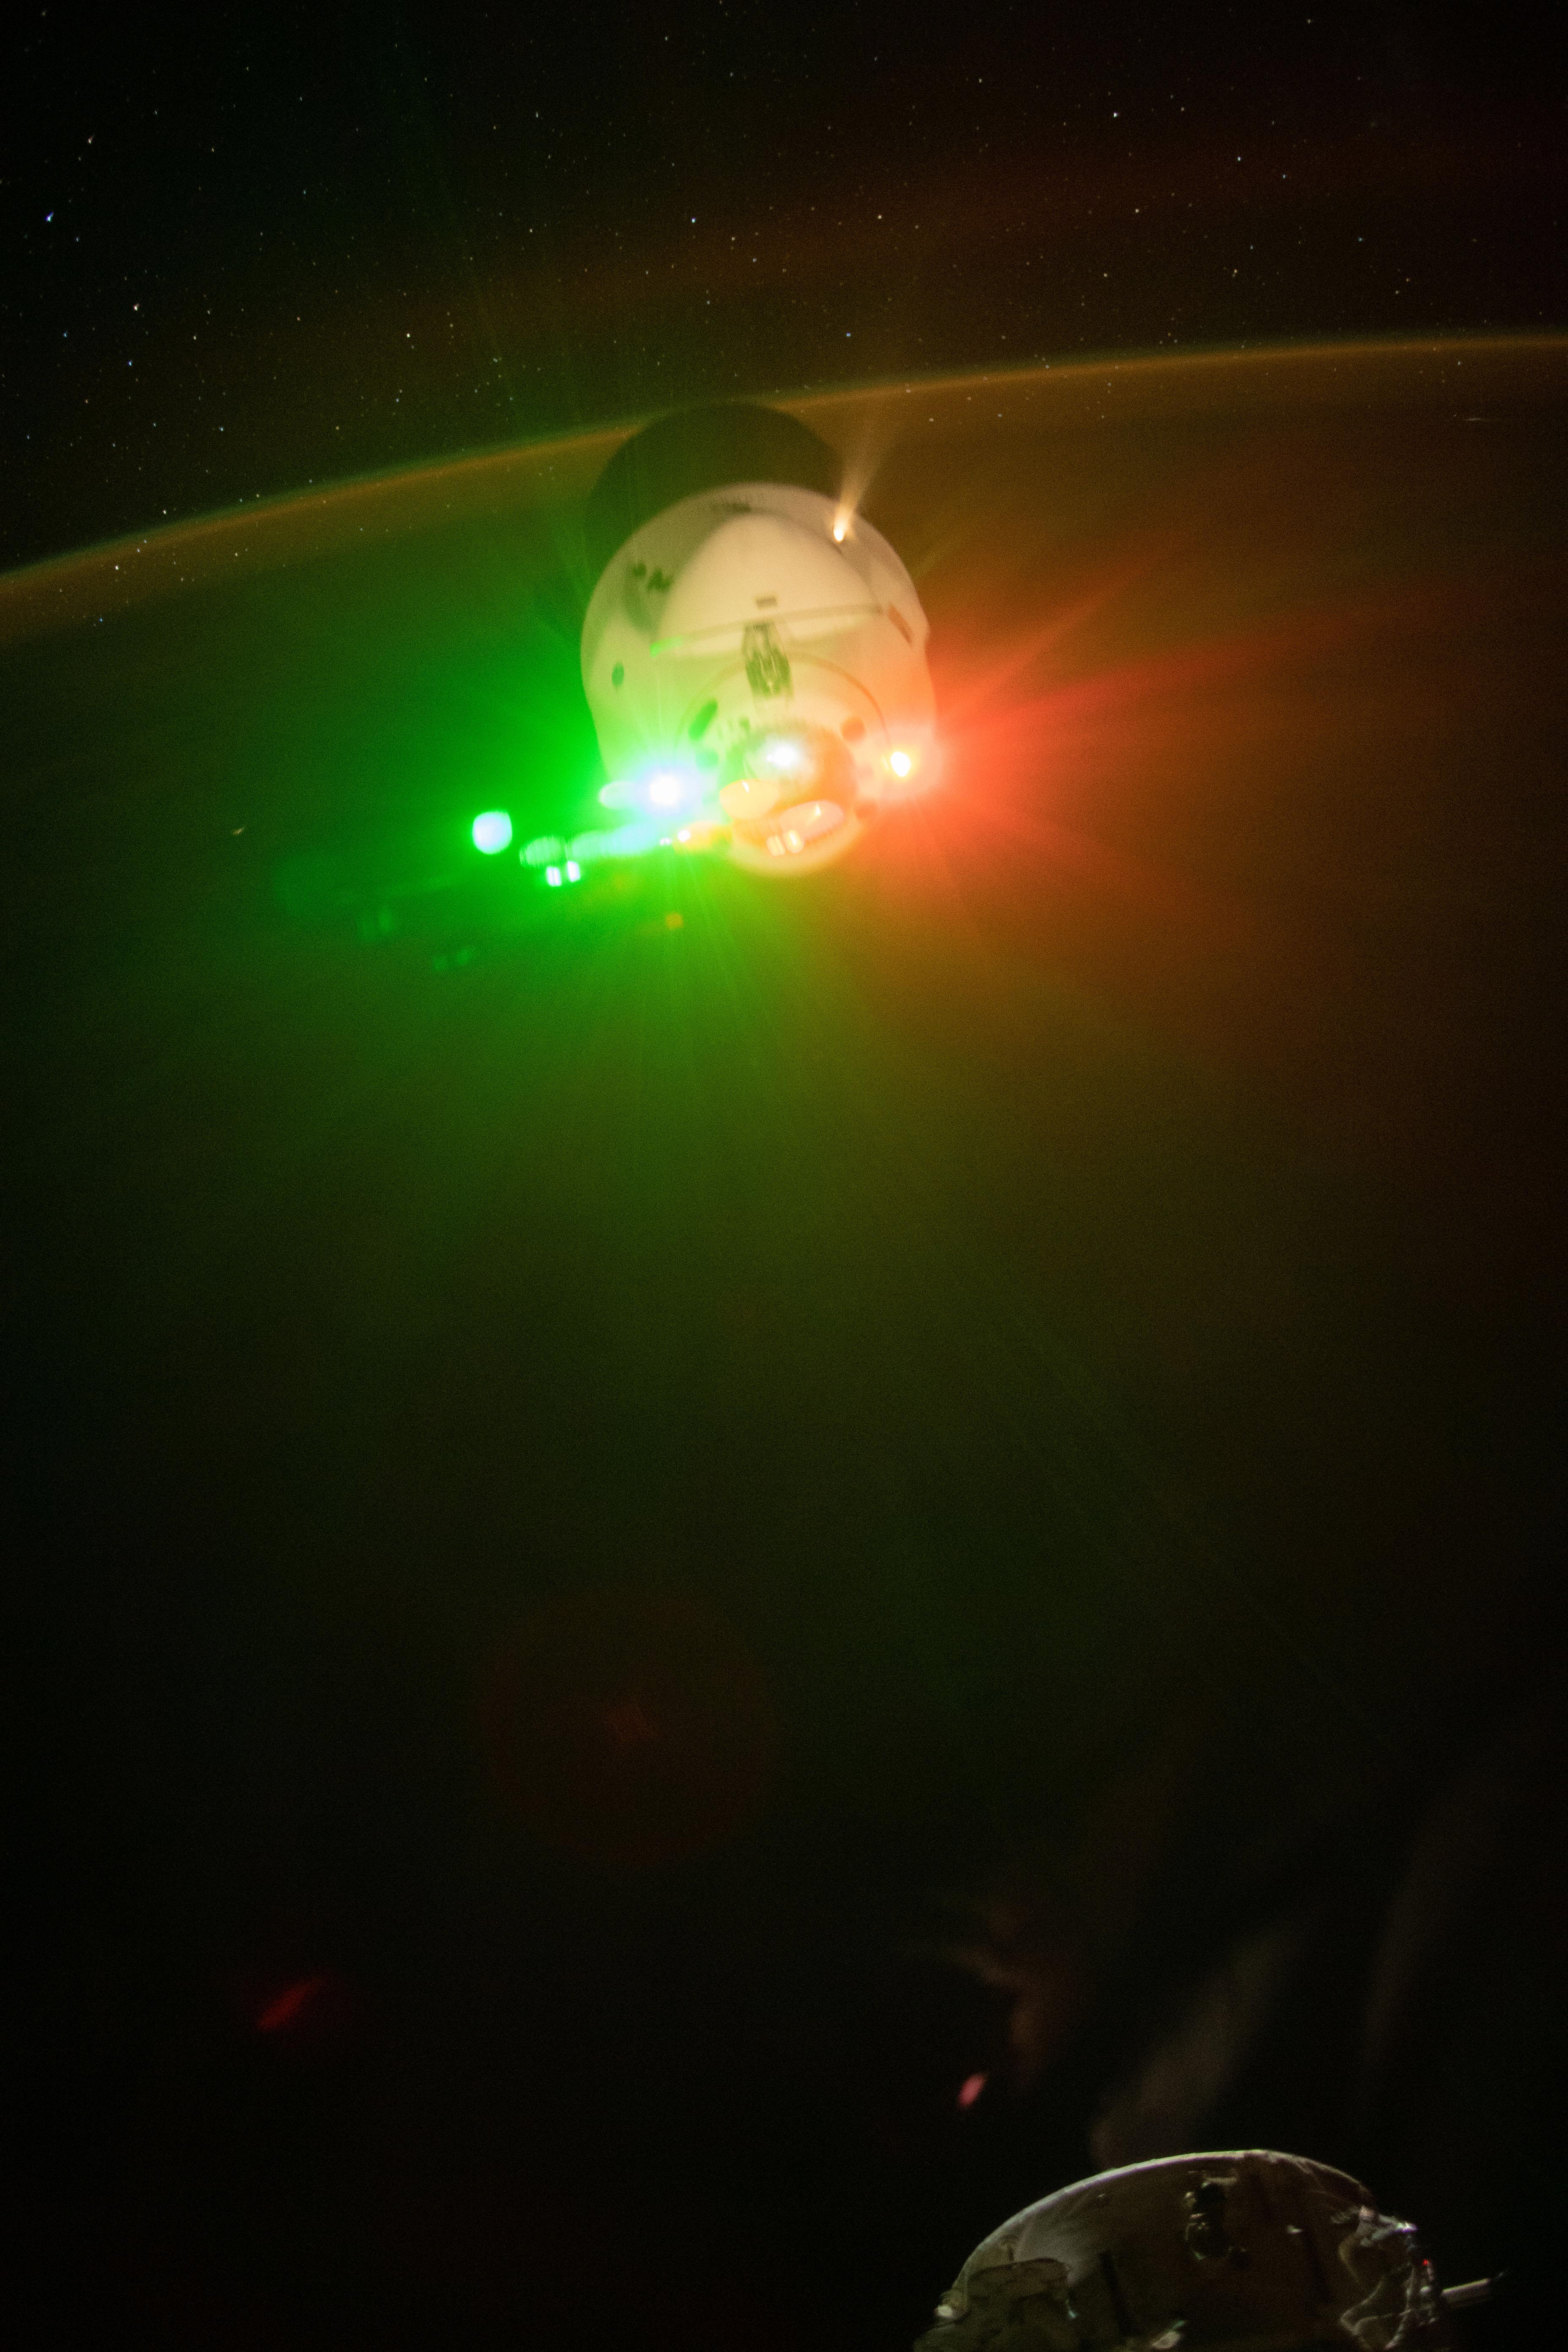 Космический корабль SpaceX создал красочное шоу на орбите Земли (ФОТО)  - фото 2